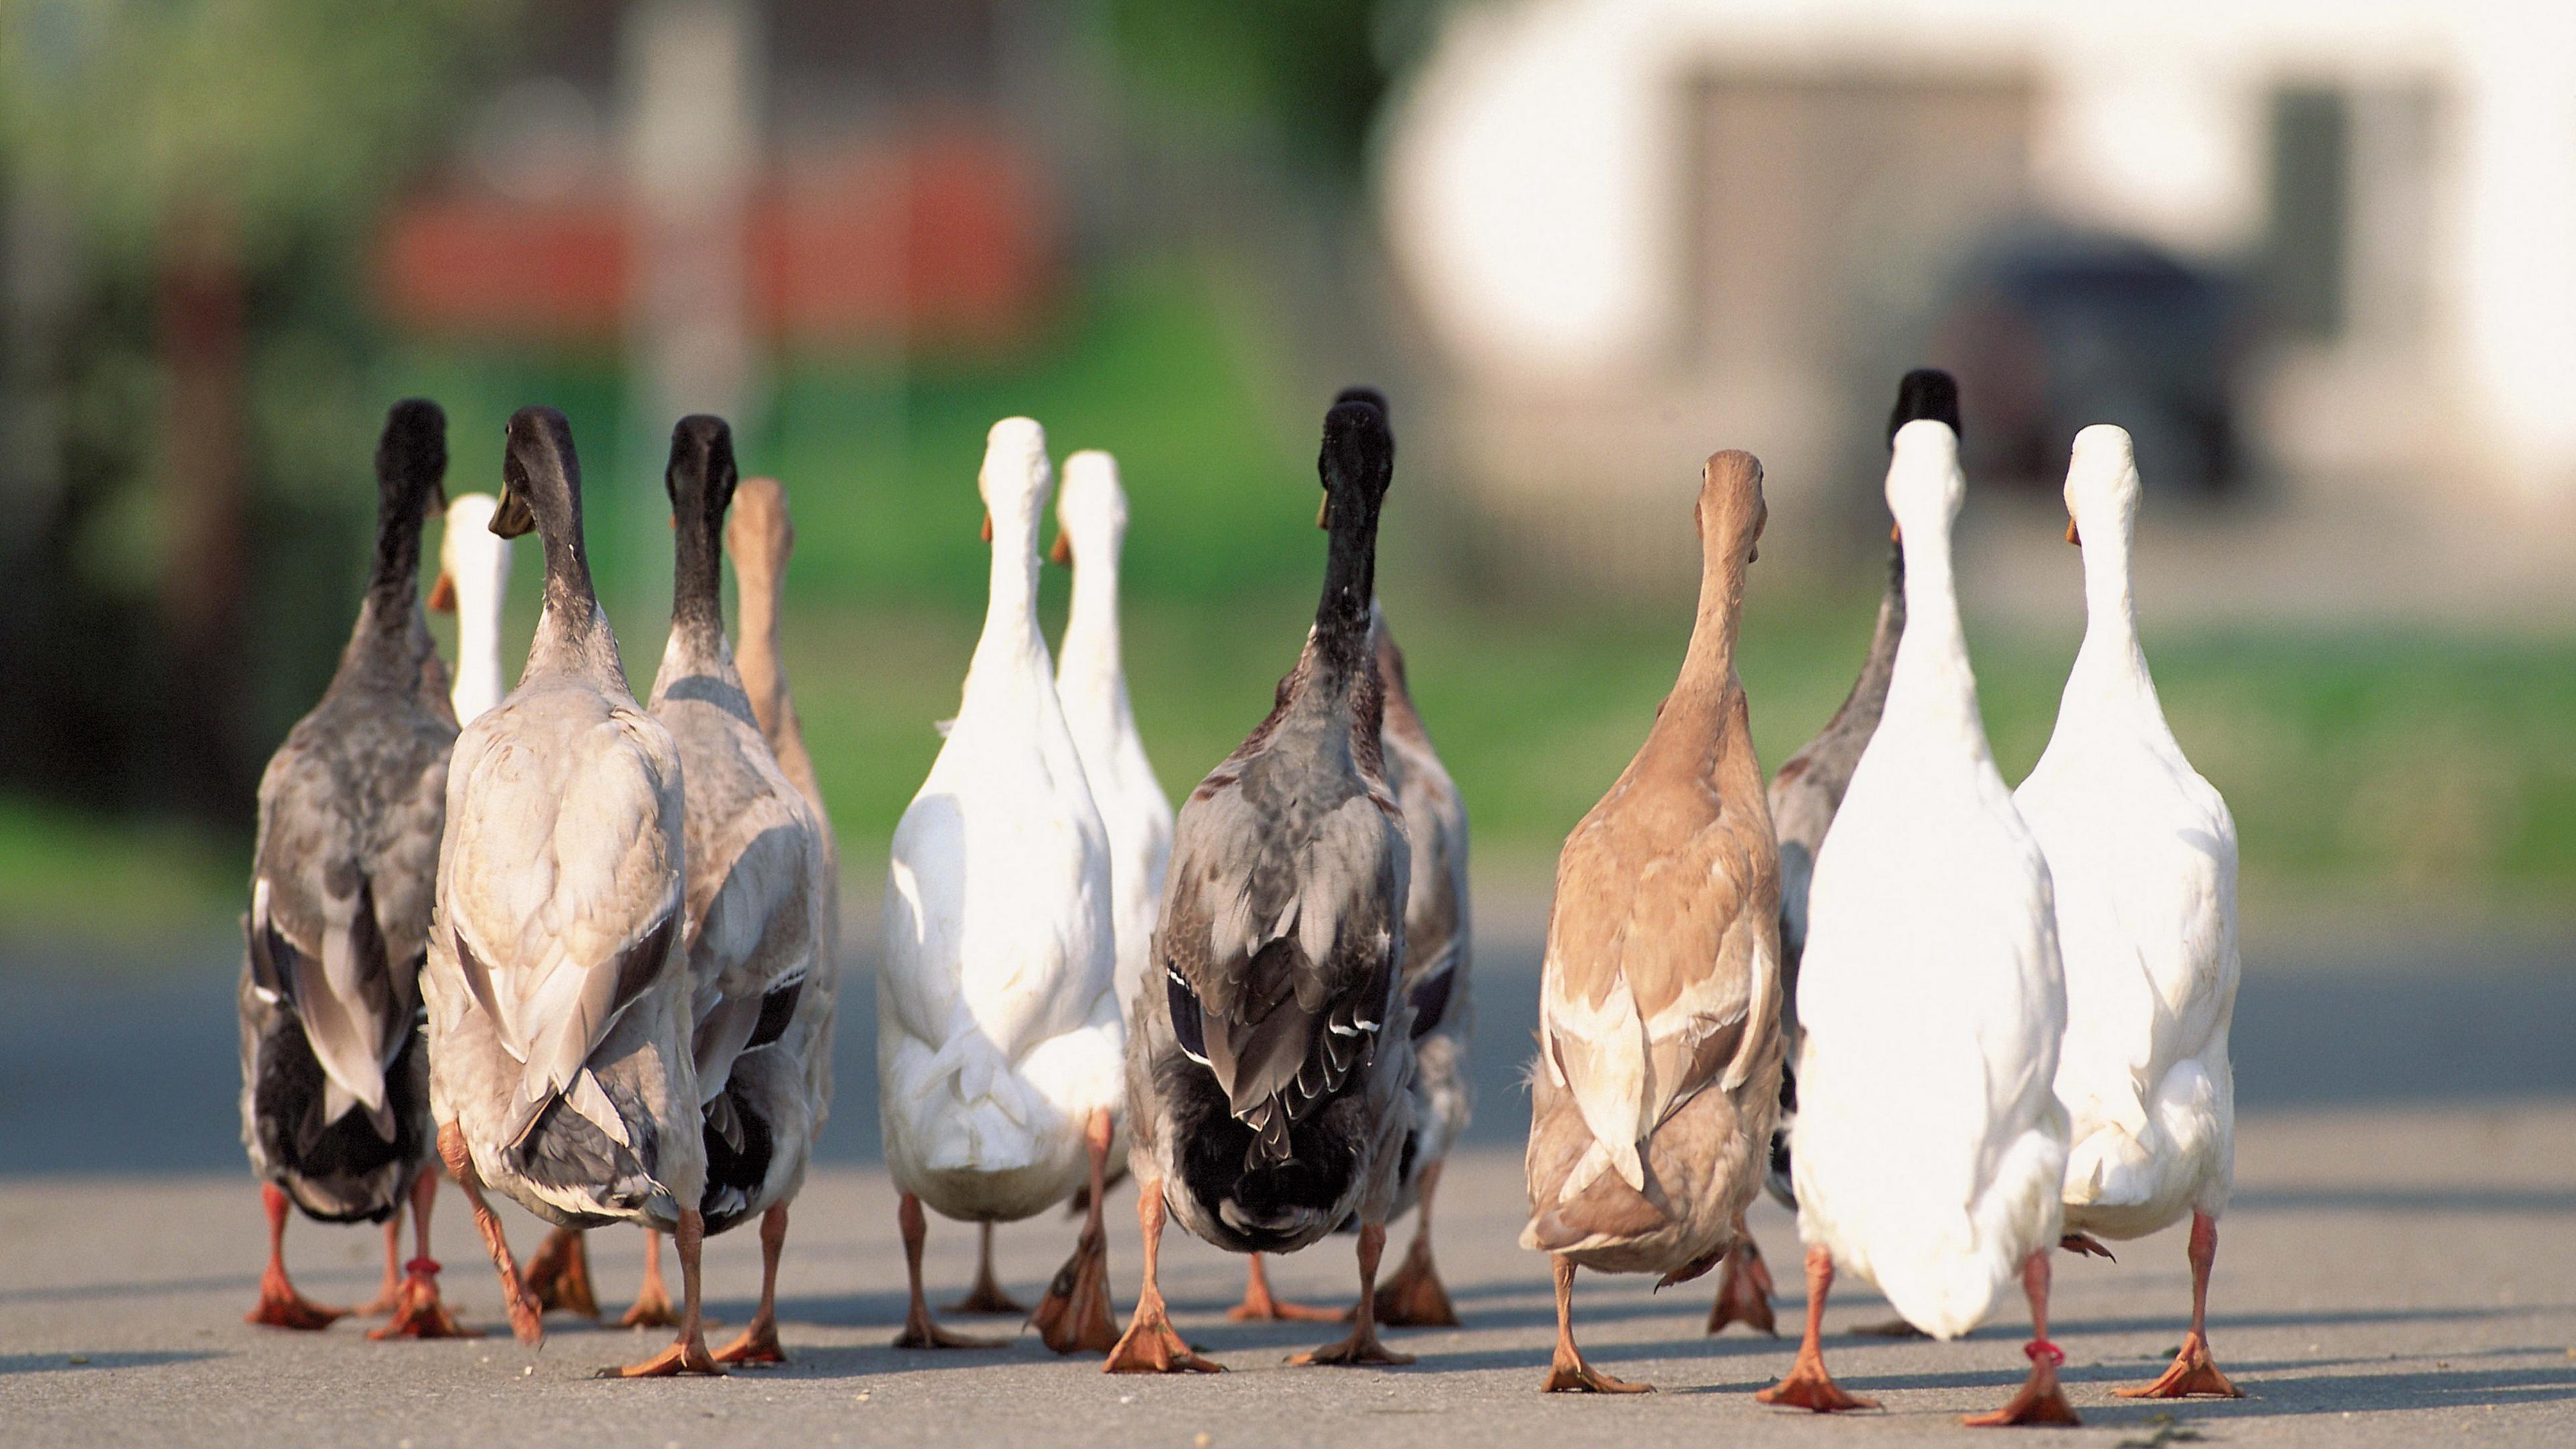 geese flock asphalt 4k 1542242112 - geese, flock, asphalt 4k - geese, flock, asphalt